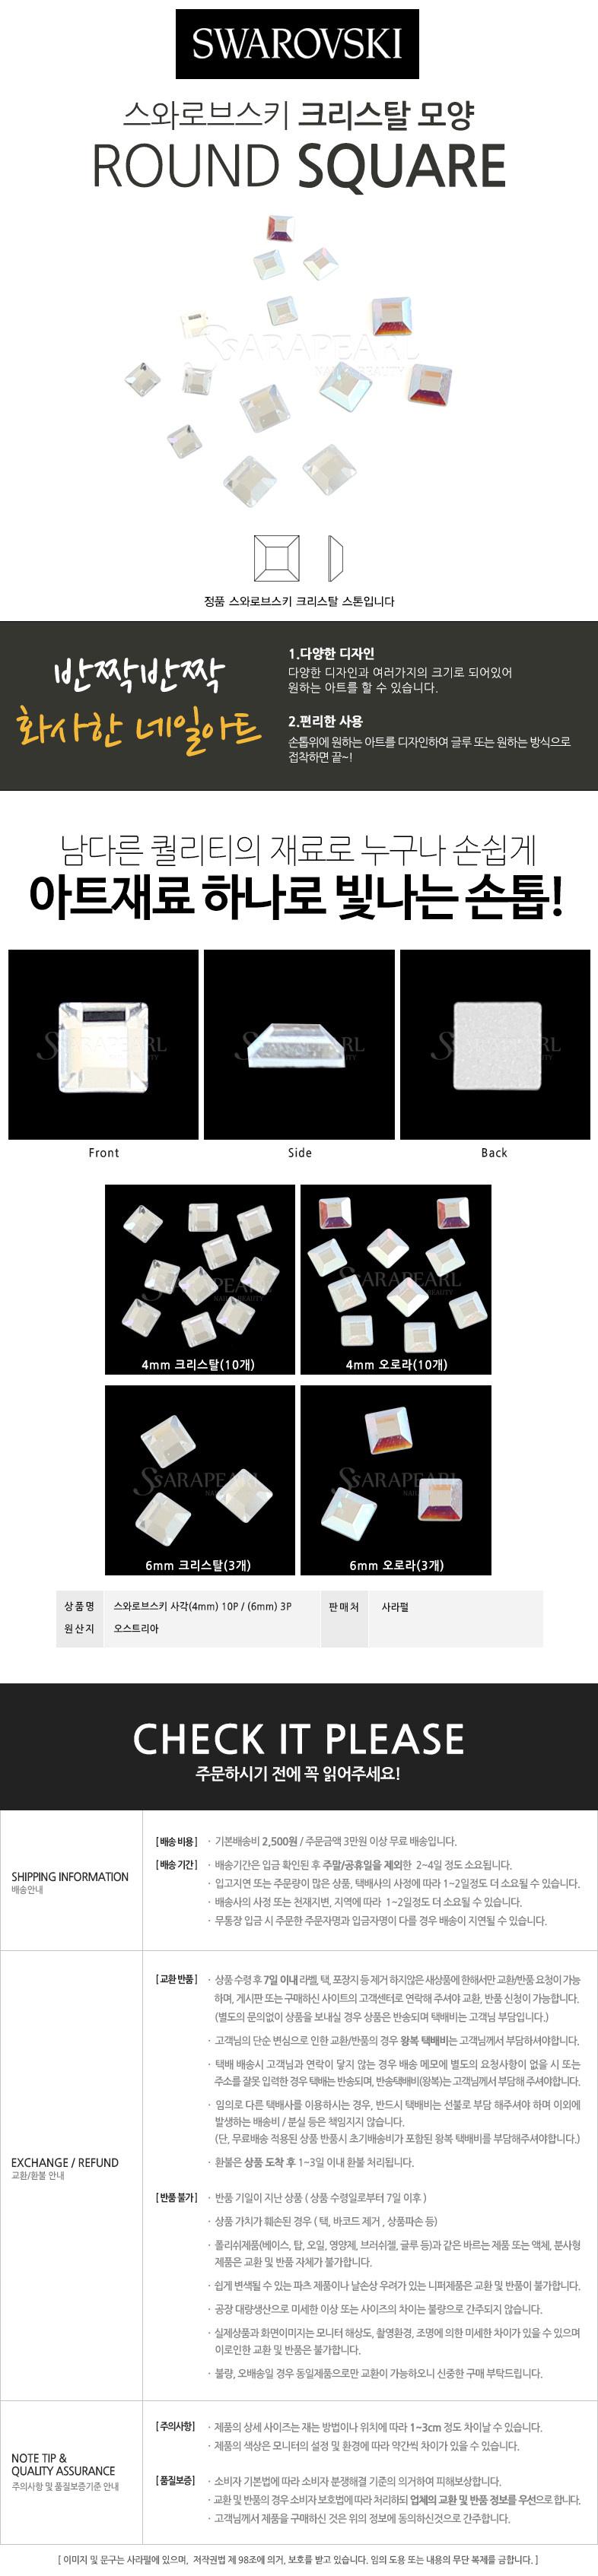 스와로브스키 사각(4mm)10P - (6mm)3P - 네일윈도우, 2,400원, 네일, 네일스티커/파츠